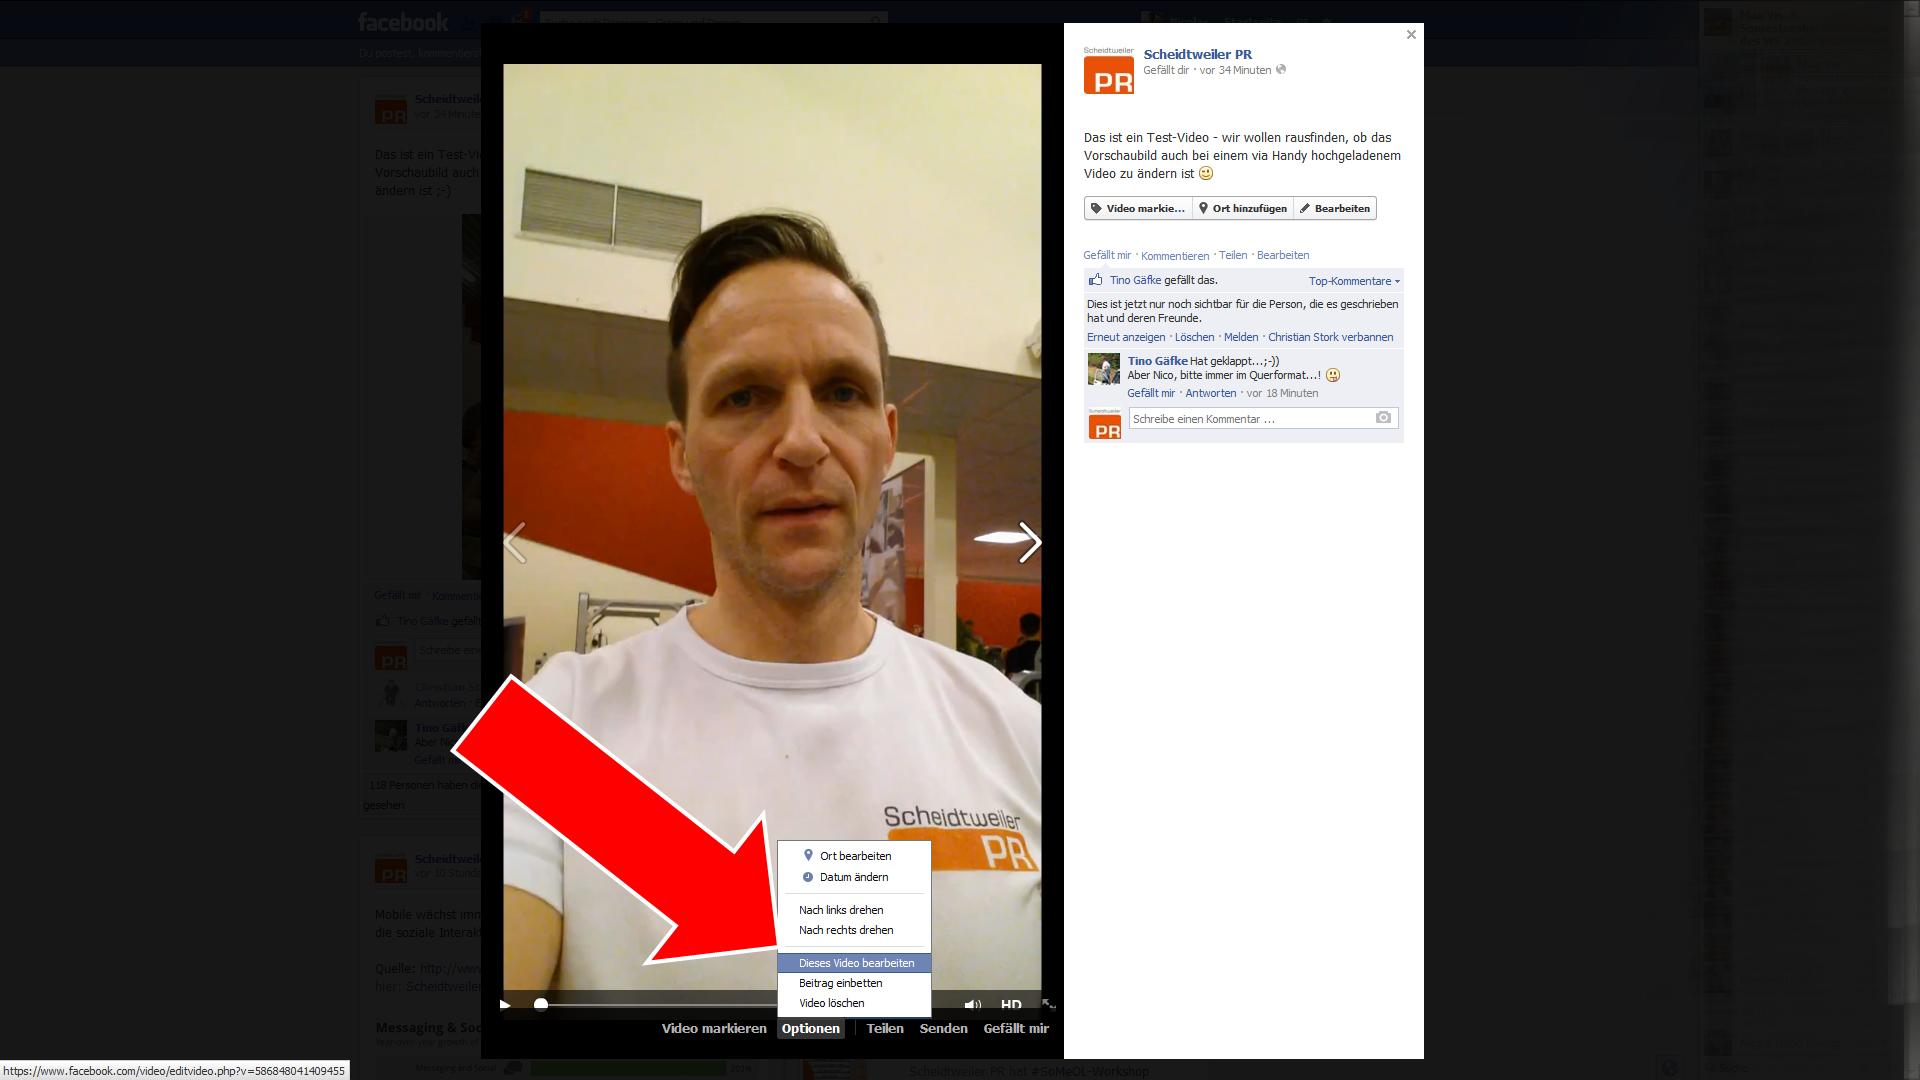 Video bei Facebook bearbeiten Schritt 2 - Scheidtweiler PR Bremen